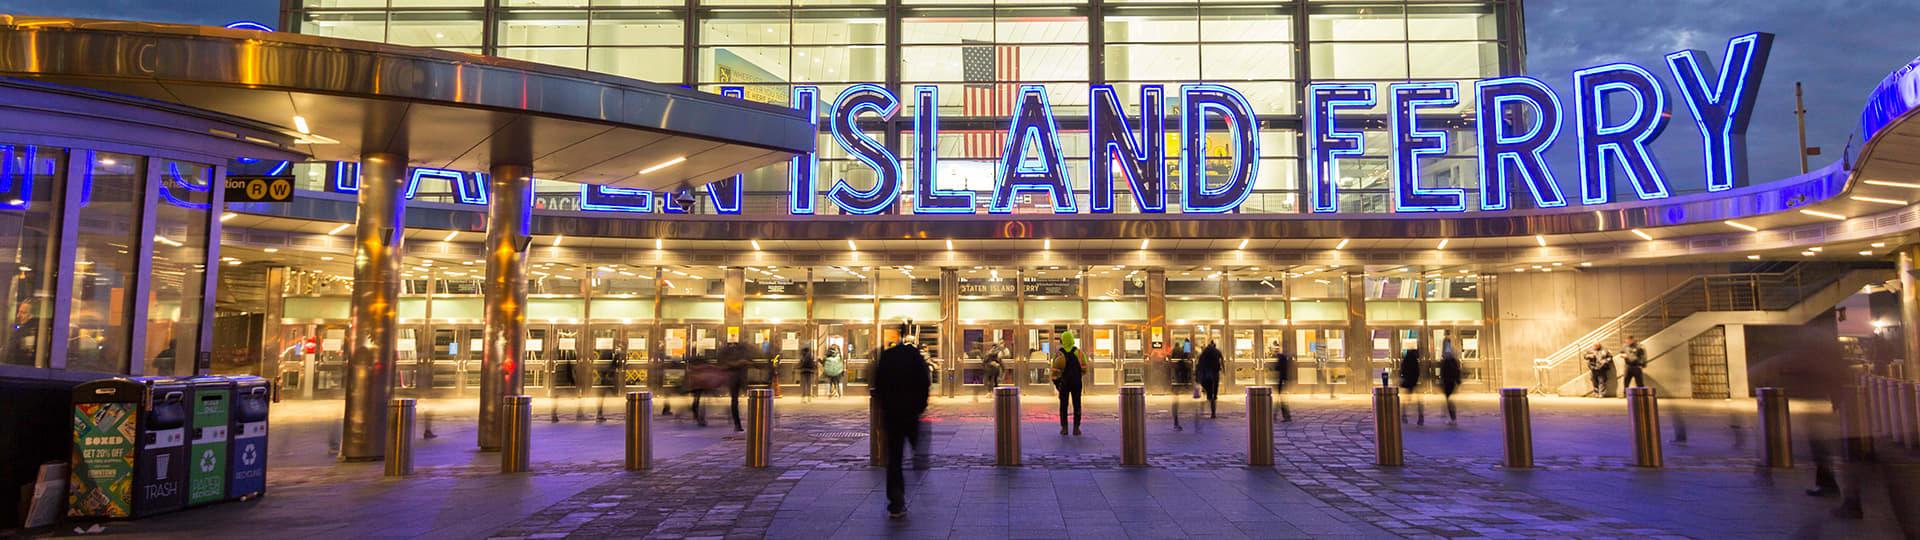 Staten Island Ferry, Staten Island, St George